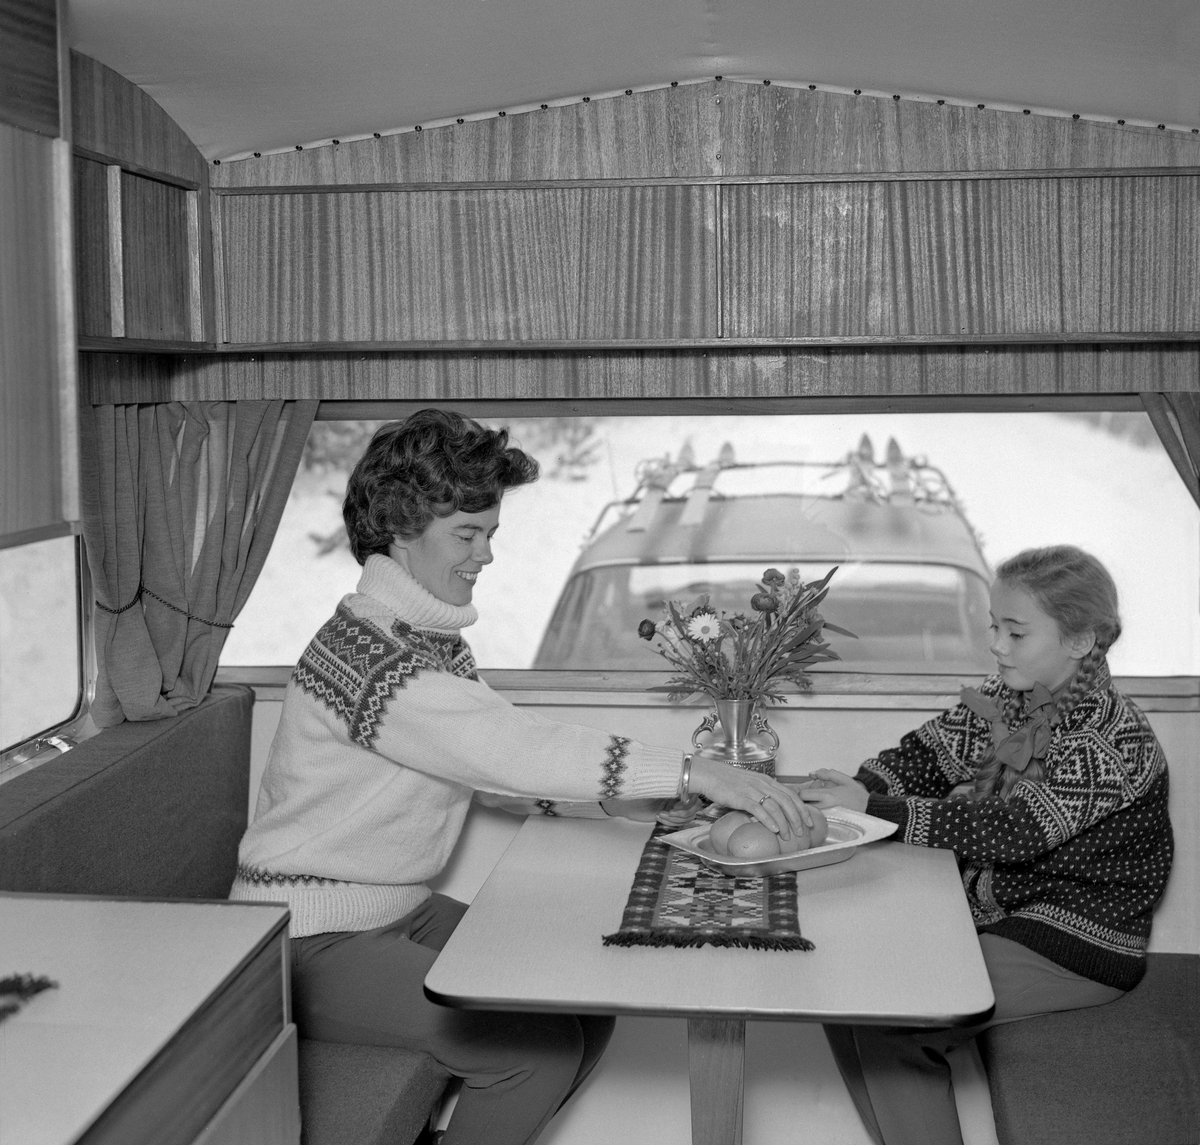 Interiør fra campingvogn, antakelig fra slutten av 1960-årene. Fotografiet er tatt mot den fremre enden av vogna, der ei ung kvinne og ei jente satt på benker hver sin side av et nedfellbart respatexbord. På bordet lå det en løper, og på den sto det et fruktfat og en vase, antakelig med plastblomster i. Da fotografiet ble tatt var de to i ferd med å forsyne seg med appelsiner. Veggene og skapdørene i vogna var lagd av finérplater med overflater av et mørkt, eksotisk treslag. Gjennom frontruta på campingvogna skimter vi taket på bilen som trakk vogna. Den hadde ski på taket. Bildet er antakelig tatt som et reklamefotografi, som skulle illustrere at campingvogna ikke bare var anvendelig sommerstid, men at den også kunne brukes i påskeferien.